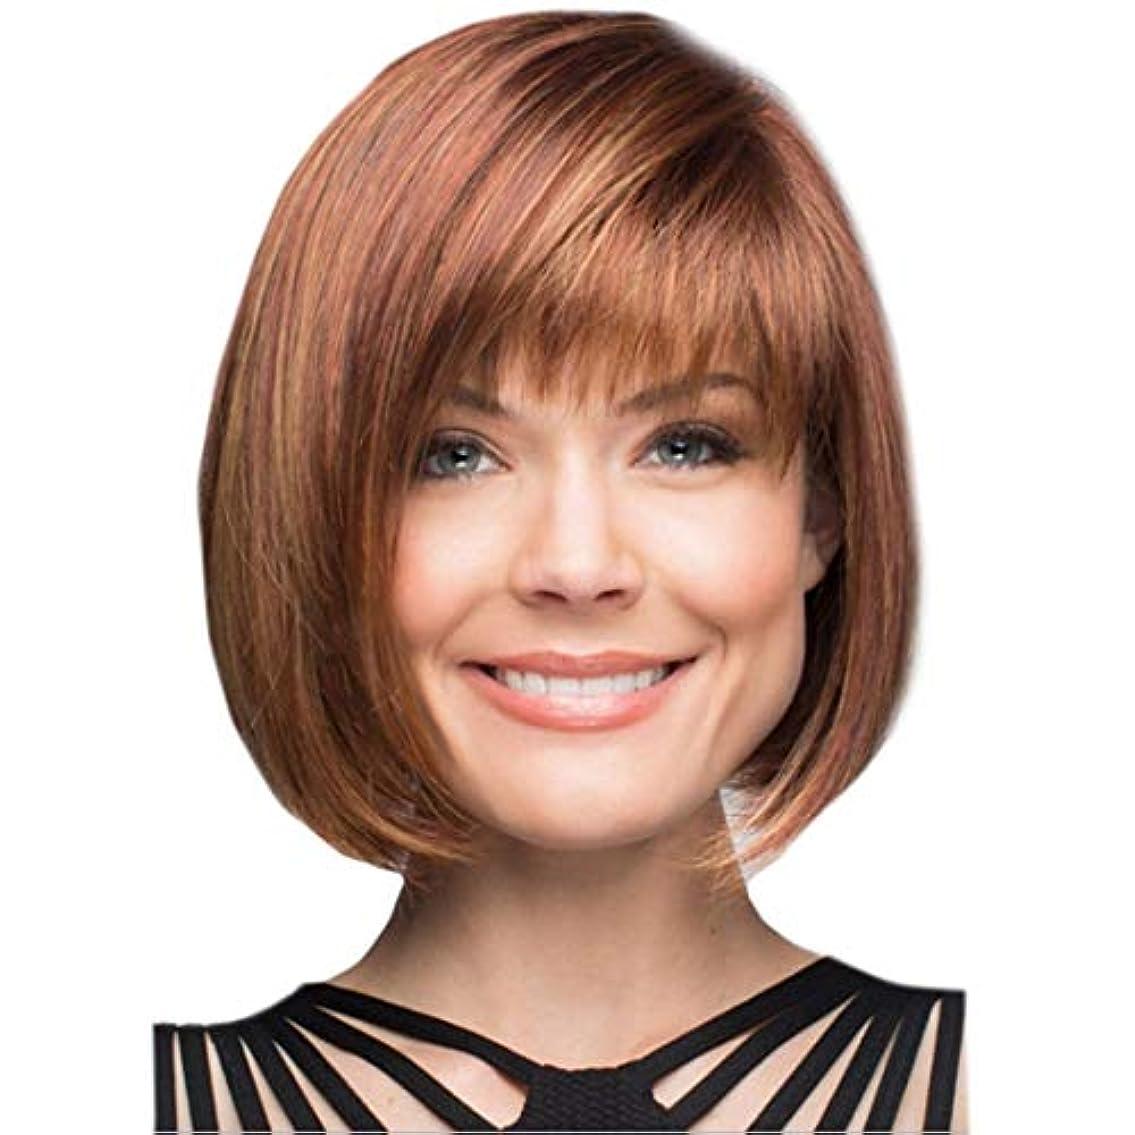 お世話になったジャンプする扇動するSummerys 女性のための茶色の短いストレートヘアスプリットボボヘッドウィッグ化学繊維ウィッグヘッドギア